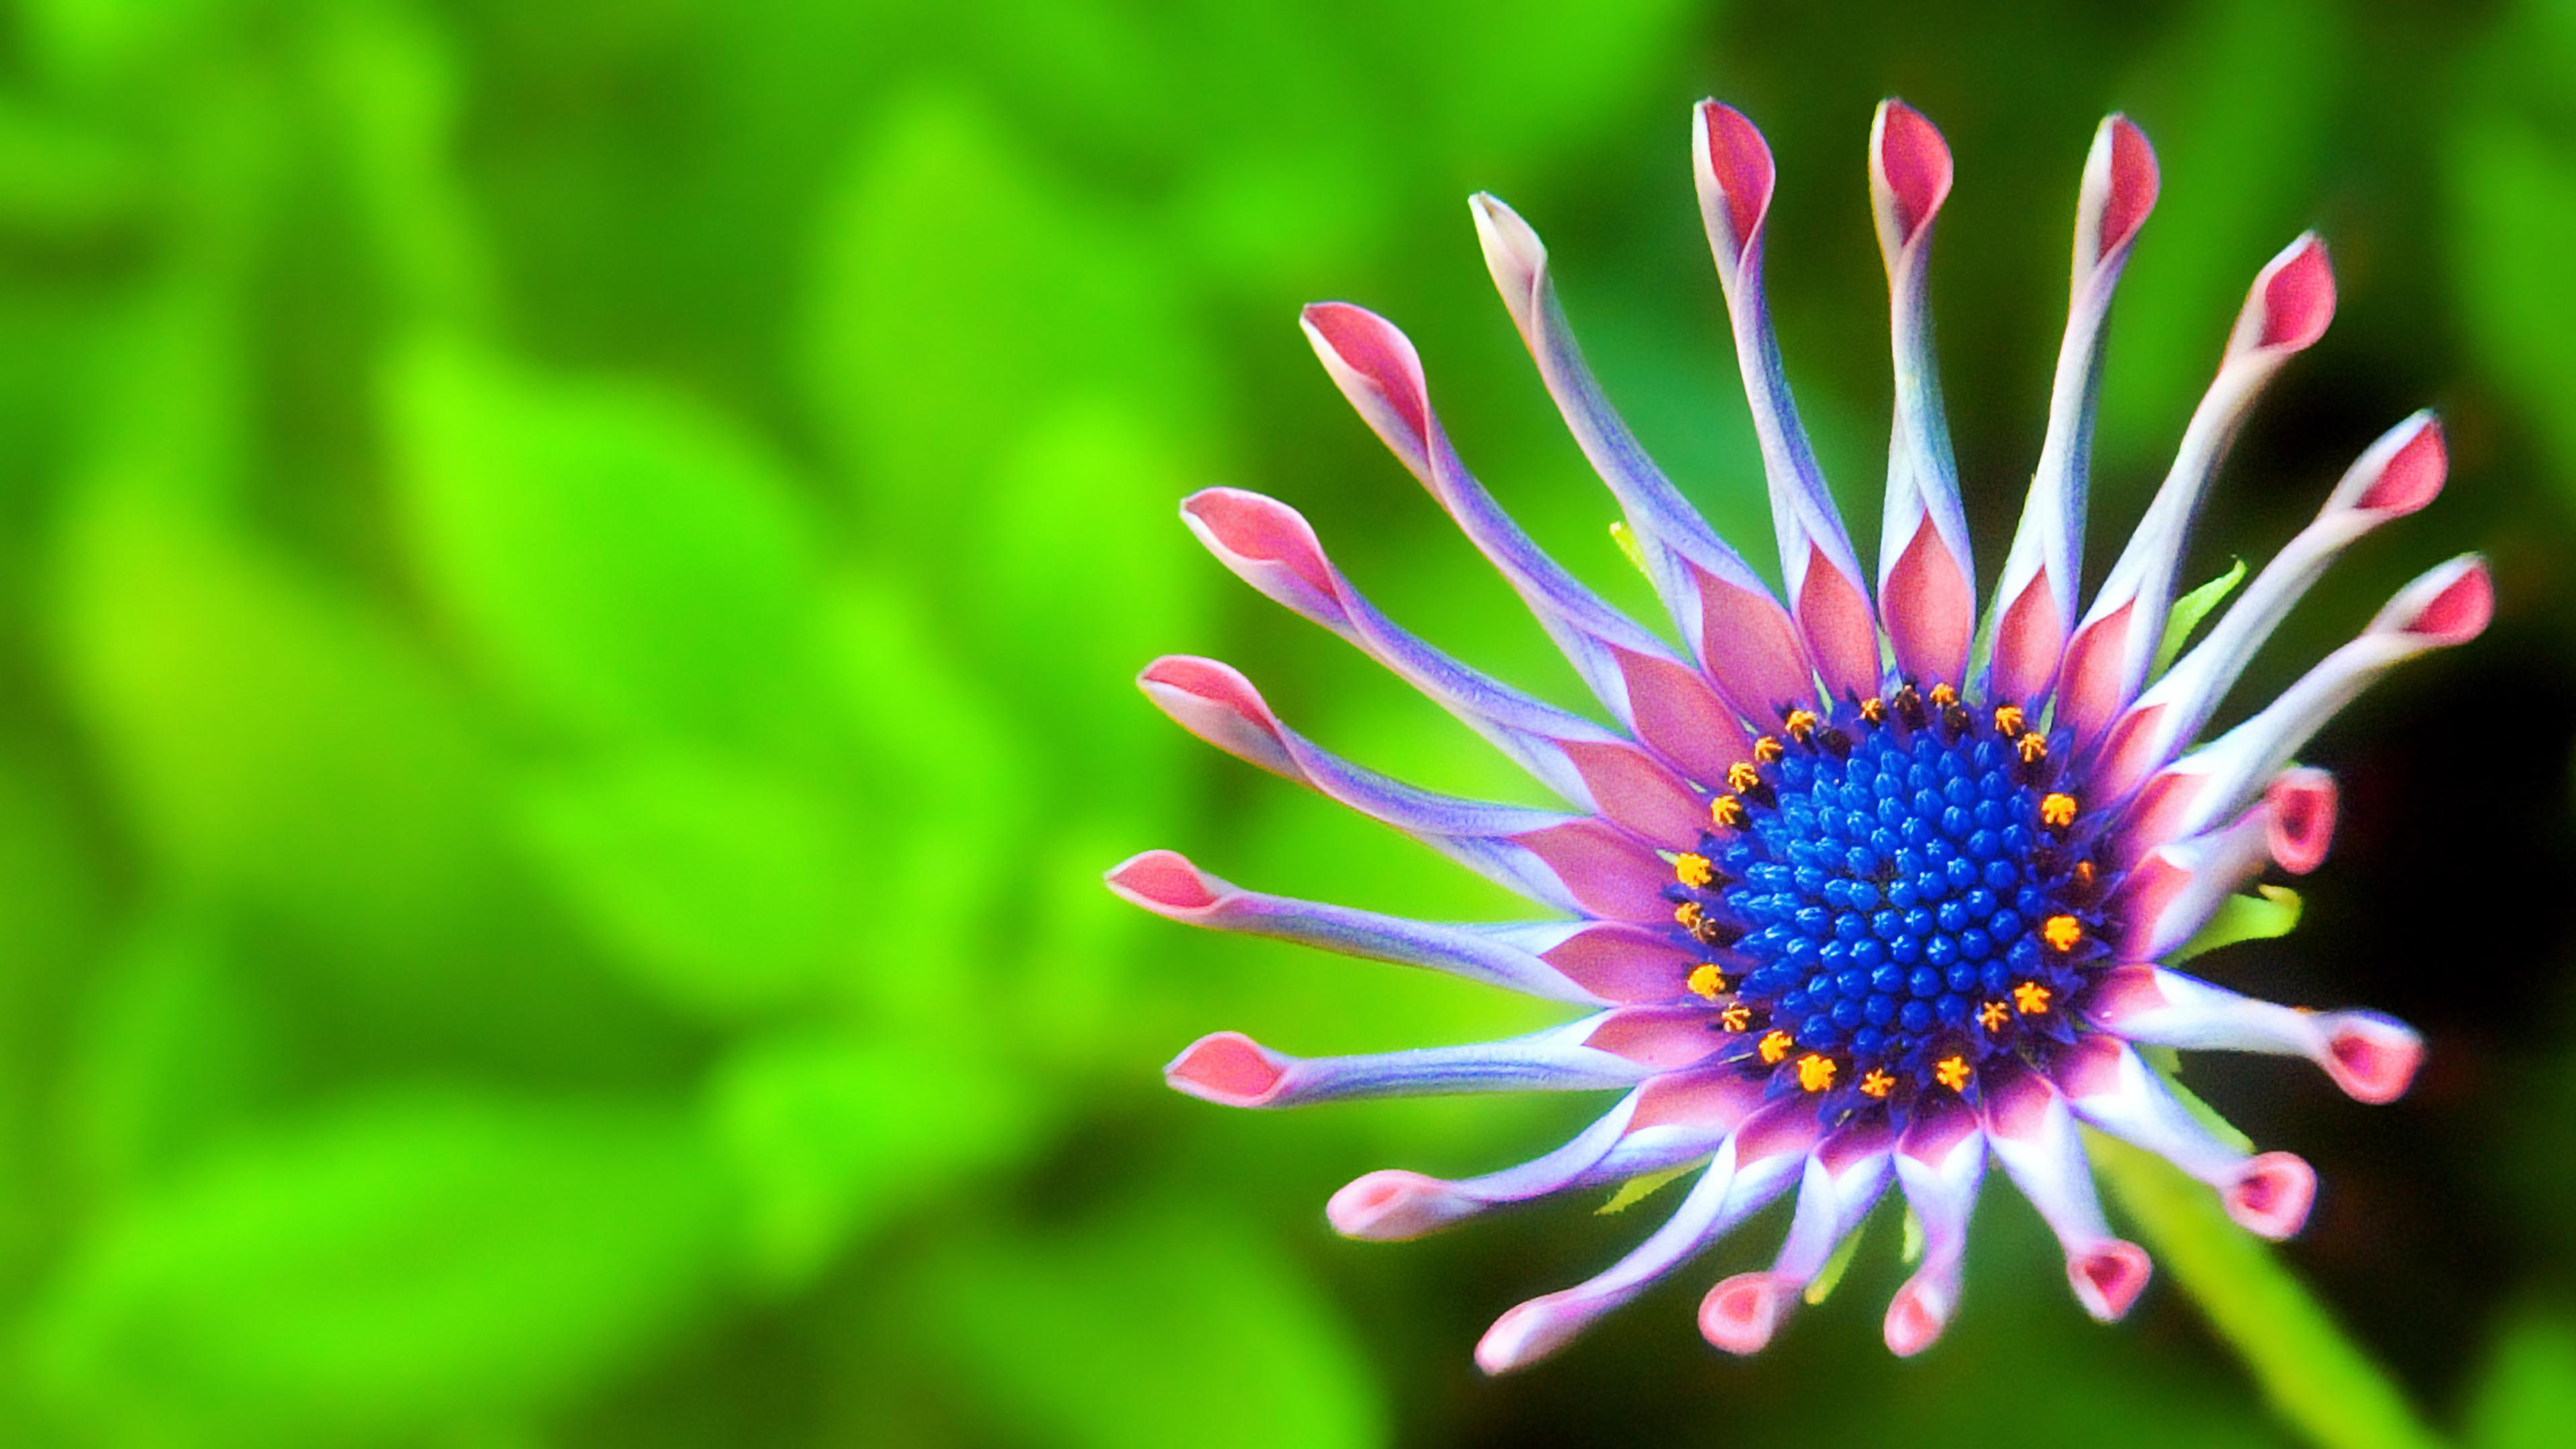 Экзотическая ромашка с нежно- розовыми лепестками на фоне яркой зелени